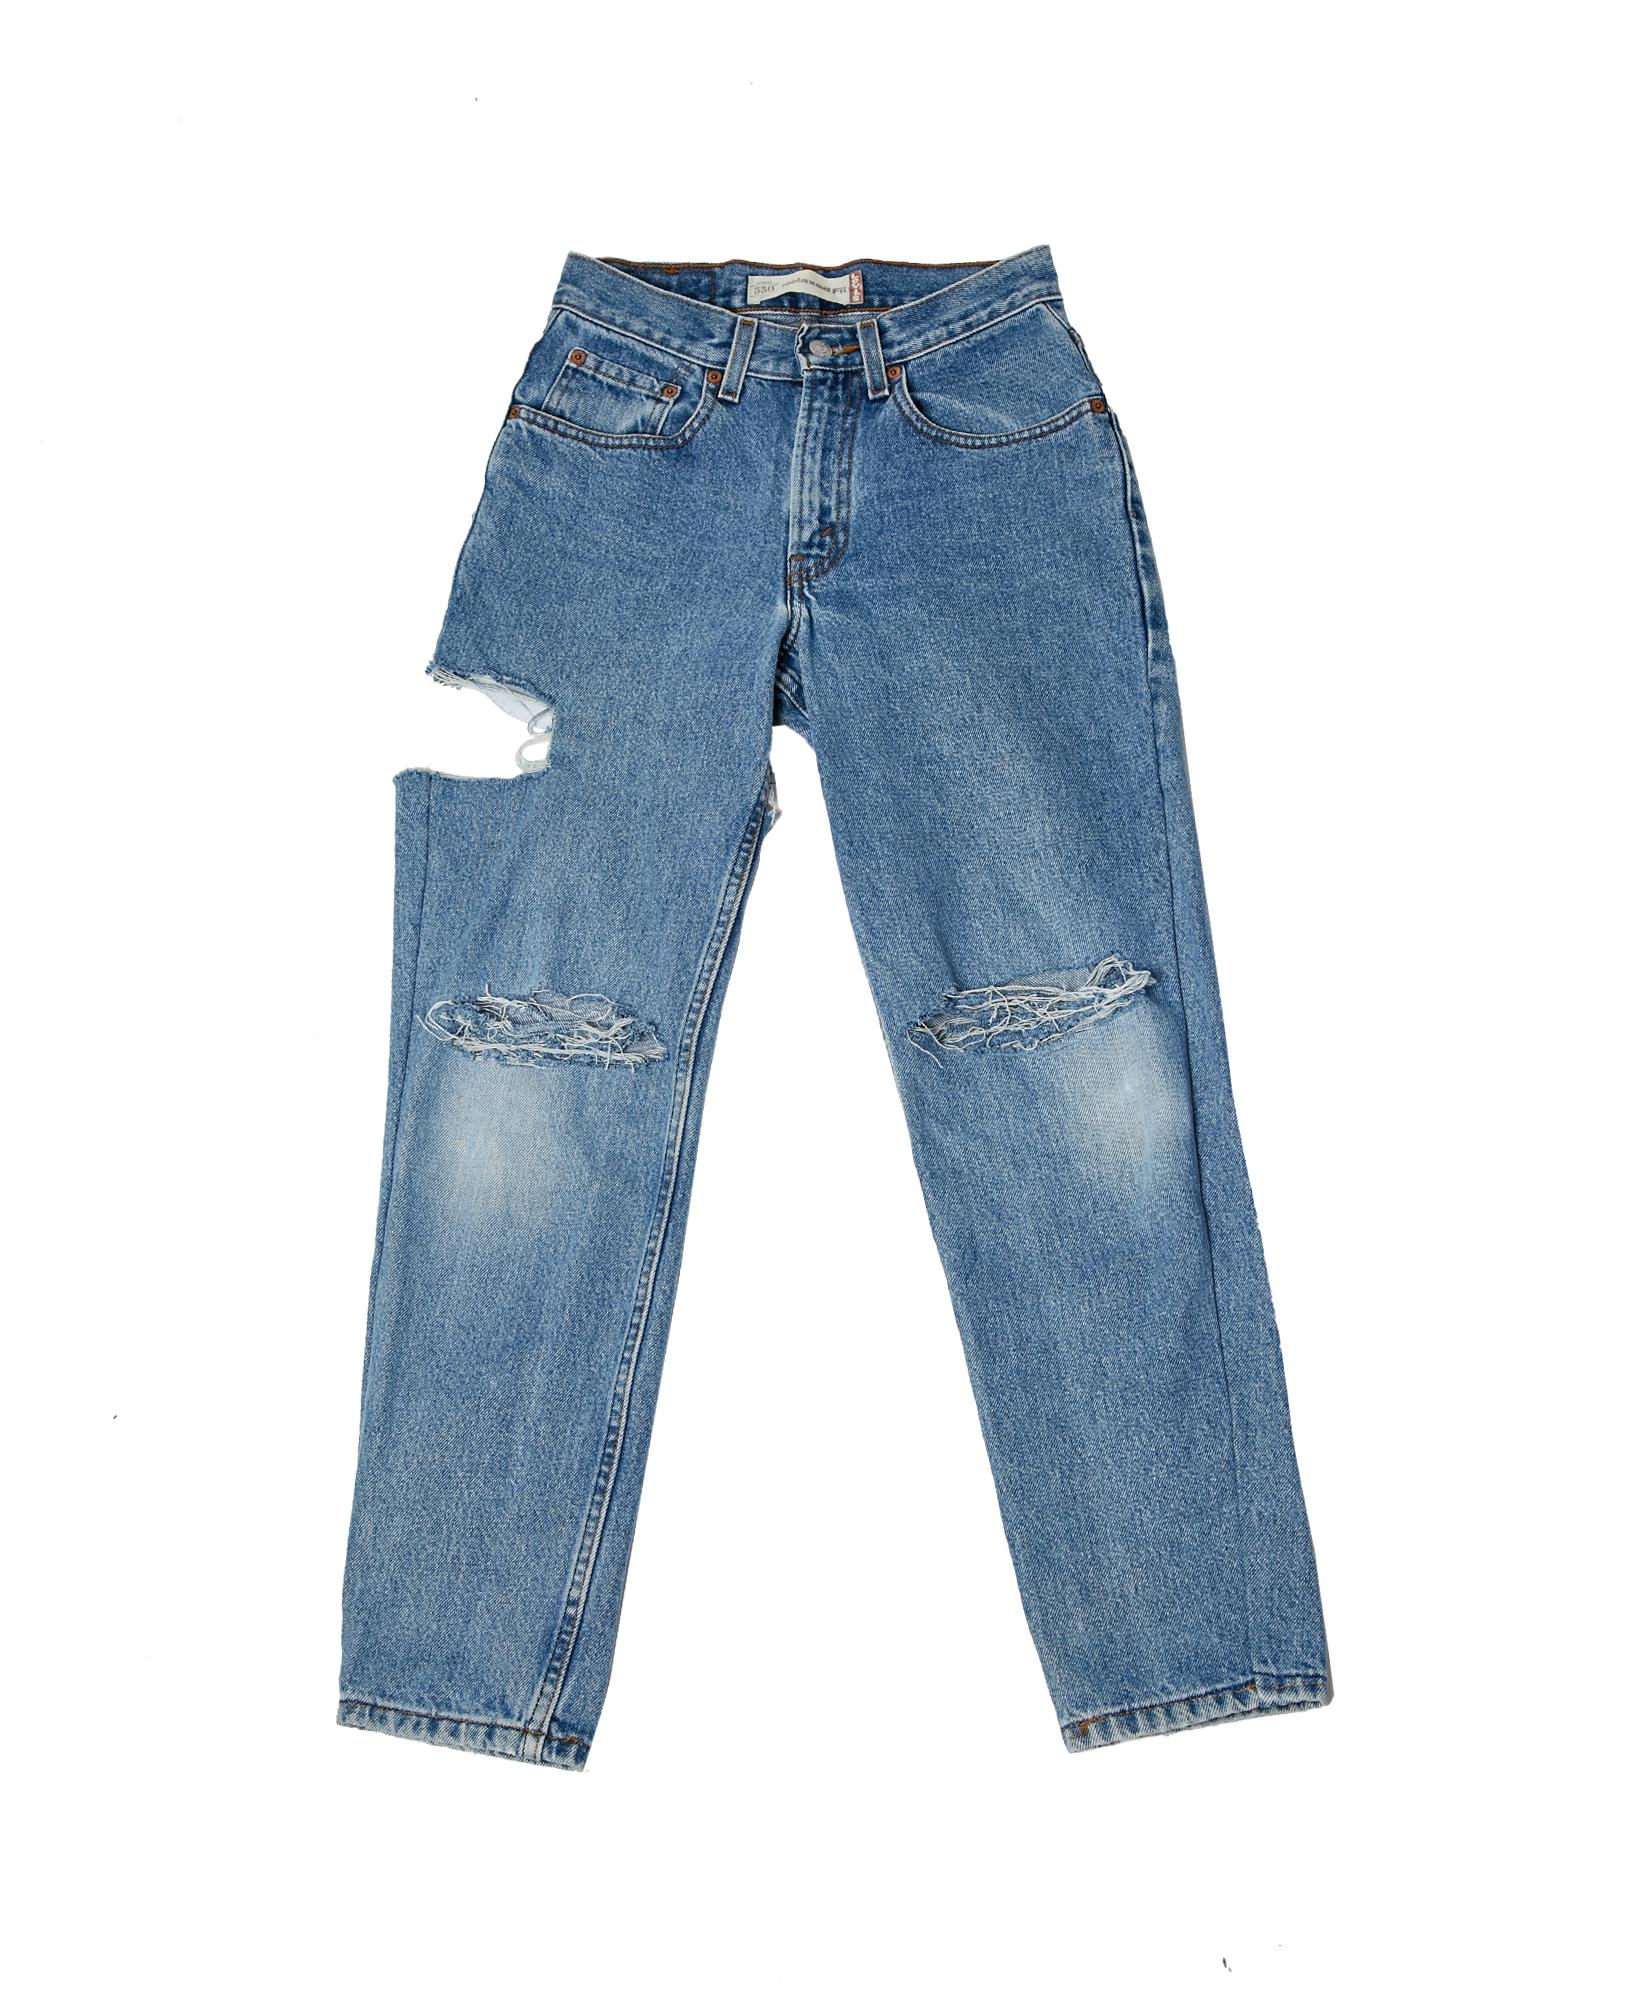 กางเกง,กางเกงผู้หญิง,กางเกงผู้หญิงขายาว,กางเกงขายาว,กางเกงขายาวผู้หญิง,กางเกงยีนส์,กางเกงยีนส์ขายาว